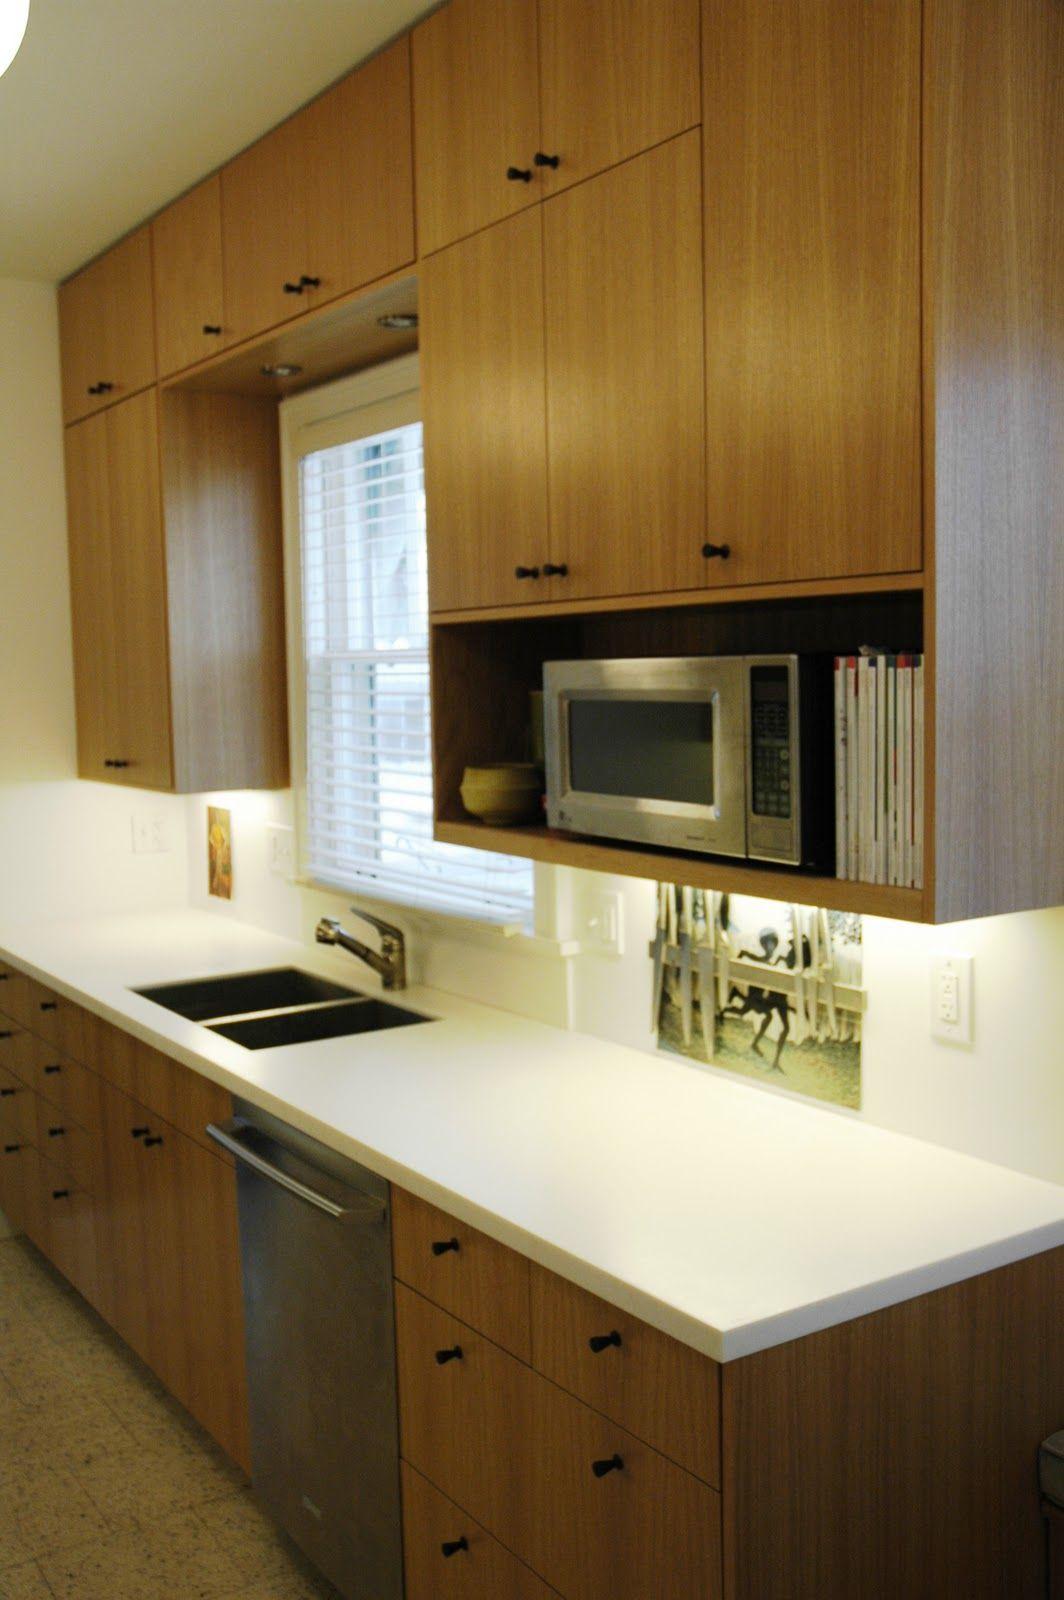 ikea galley kitchen Google Search Ikea galley kitchen